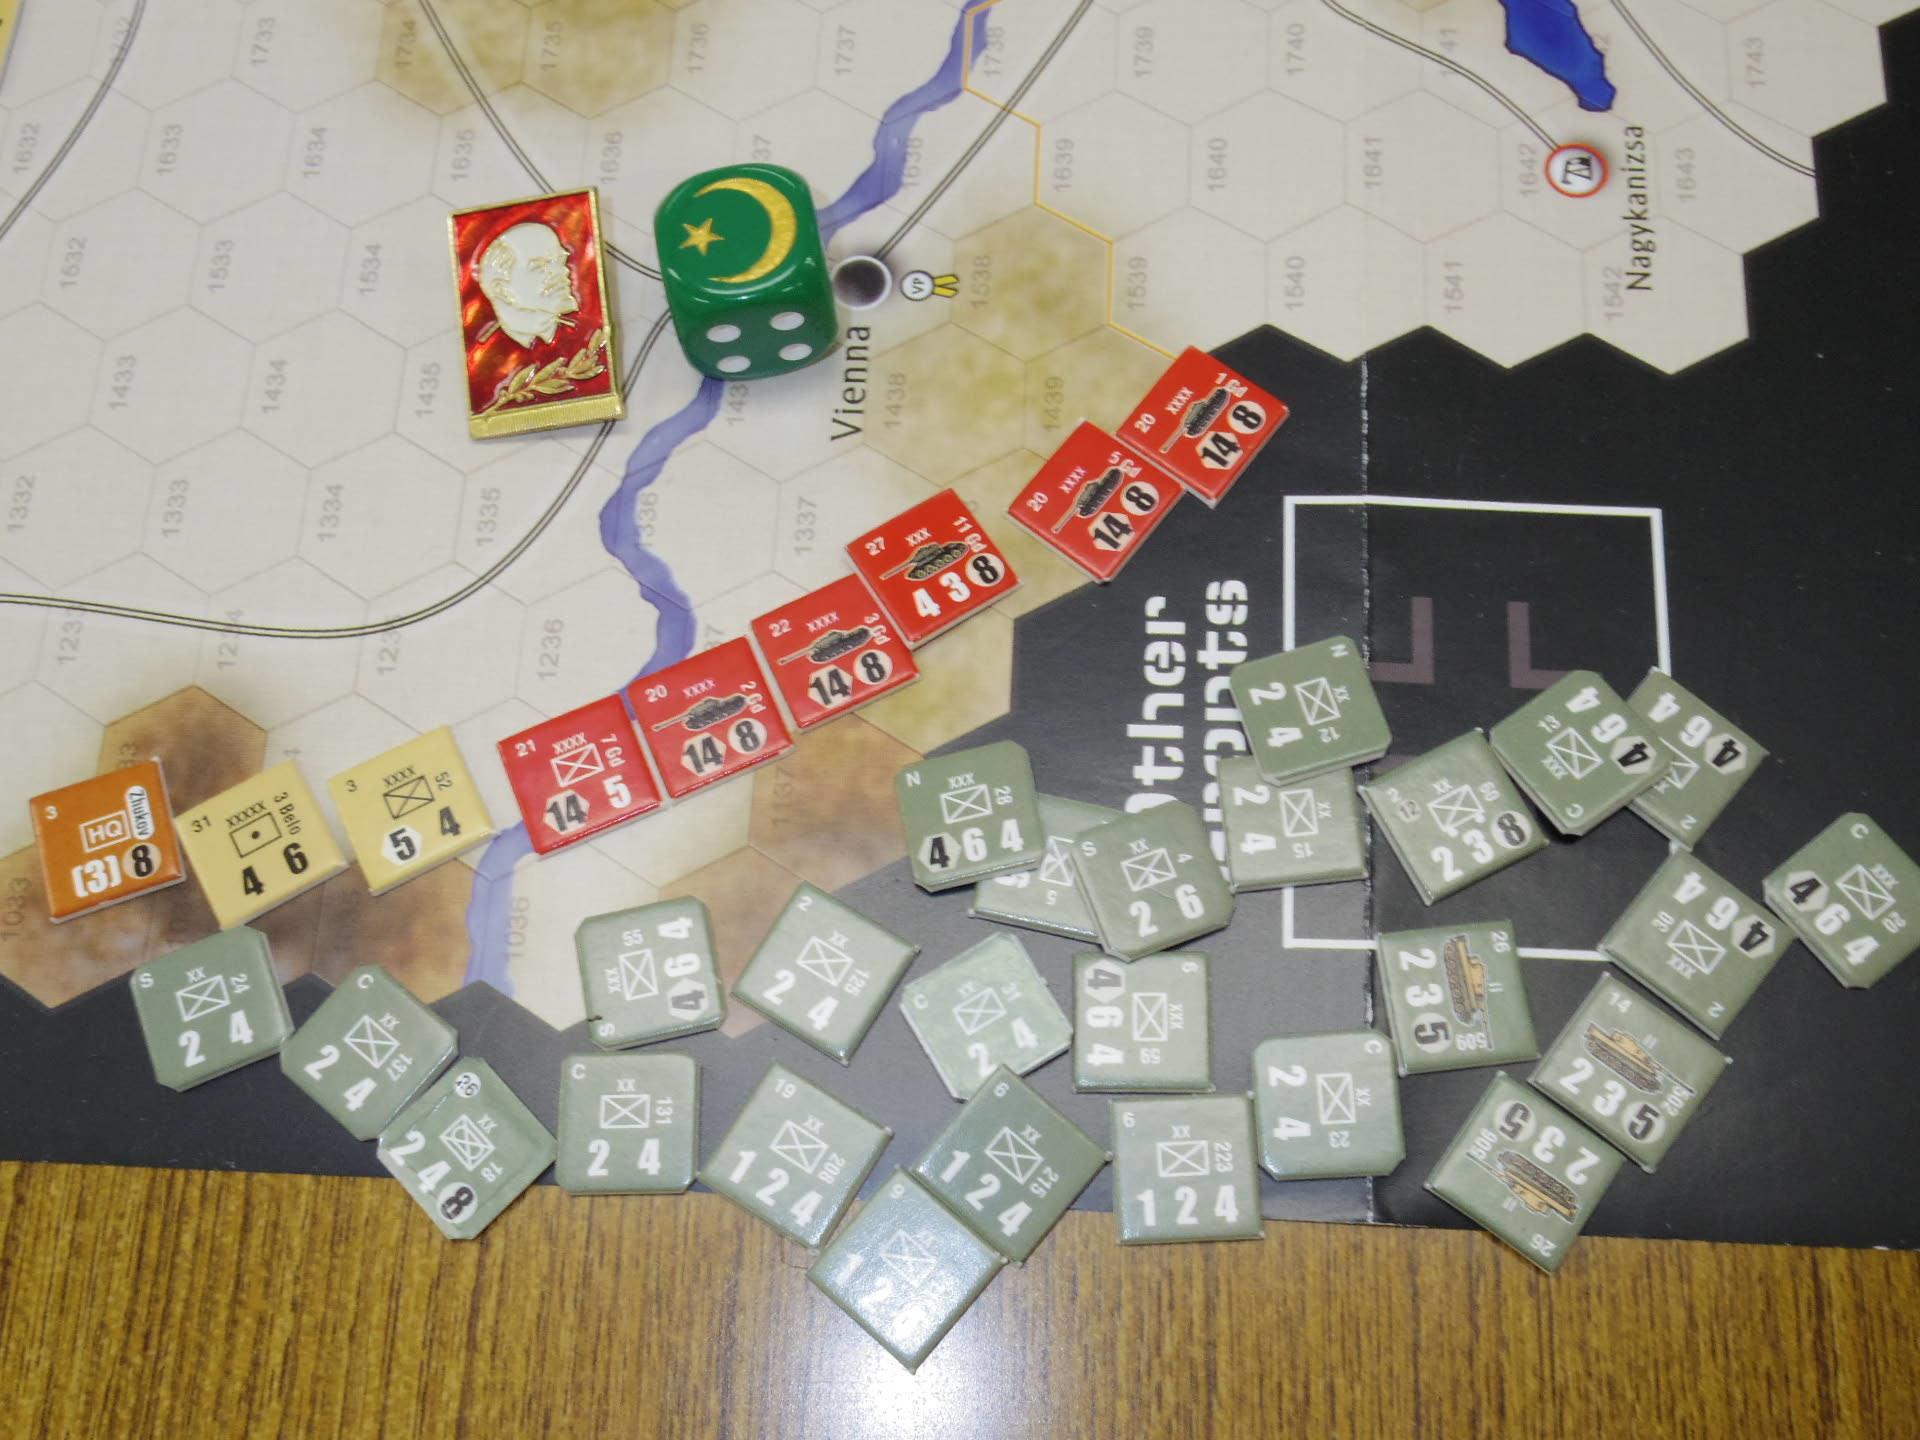 YSGA第329回定例会の様子その5〔(GMT)The Dark Valley  ダーク・ヴァレー 「バグラチオン:1944シナリオ」3人で全5ターン貫徹❶〕_b0173672_23530254.jpg